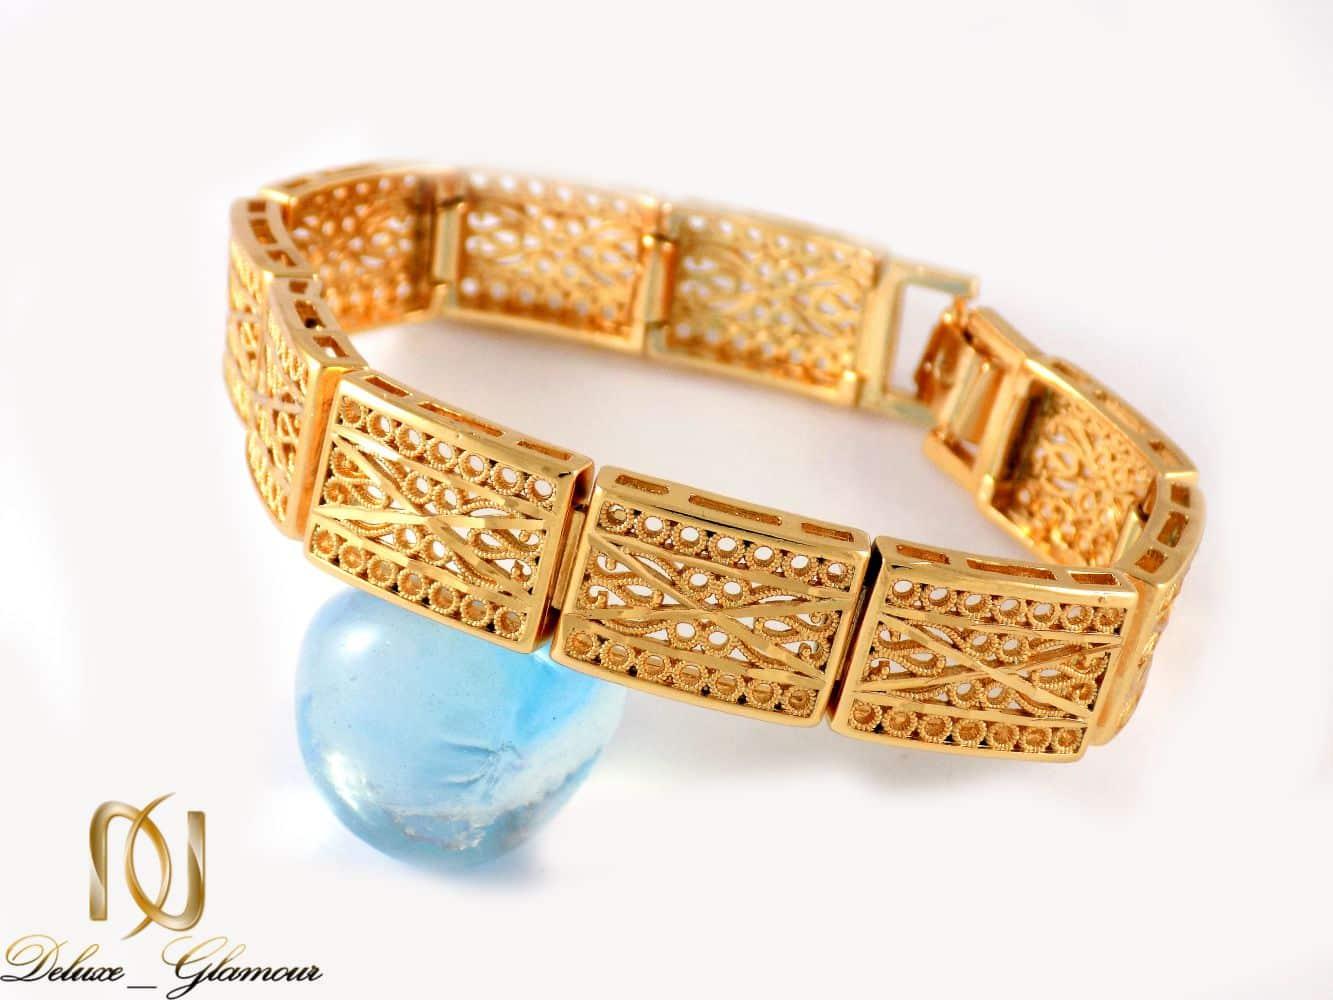 دستبند زنانه طرح طلای ژوپینگ با قفل جعبه ای ds-n20 از نمای روبرو